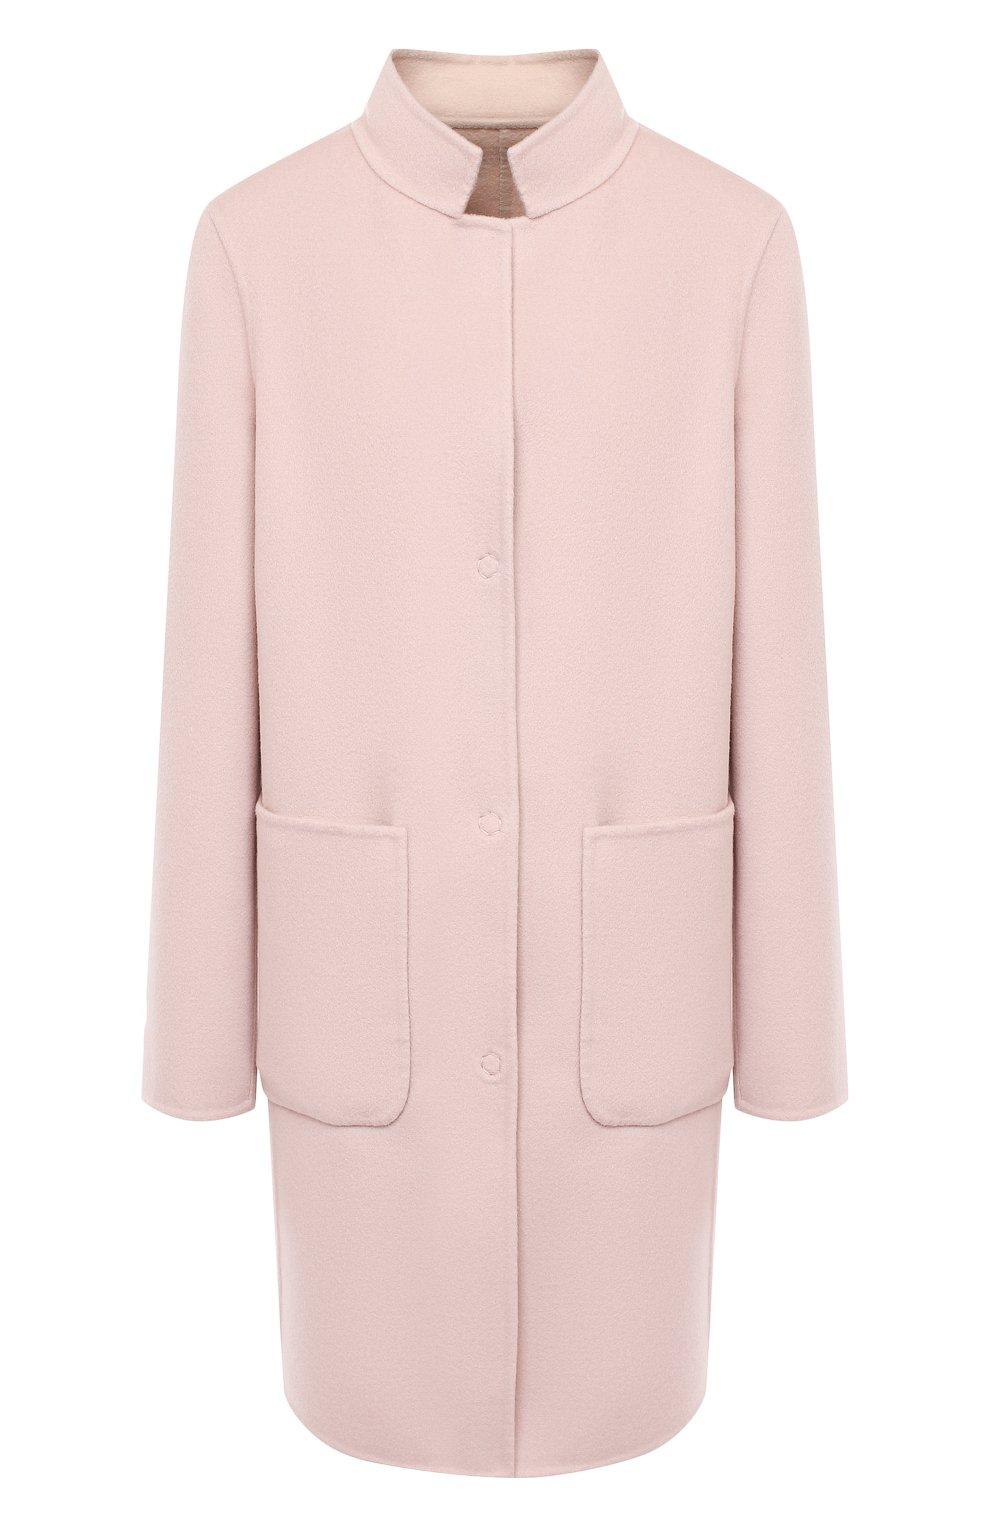 Женское пальто из шерсти и кашемира MANZONI24 светло-розового цвета, арт. 20M557-DB1/38-46 | Фото 1